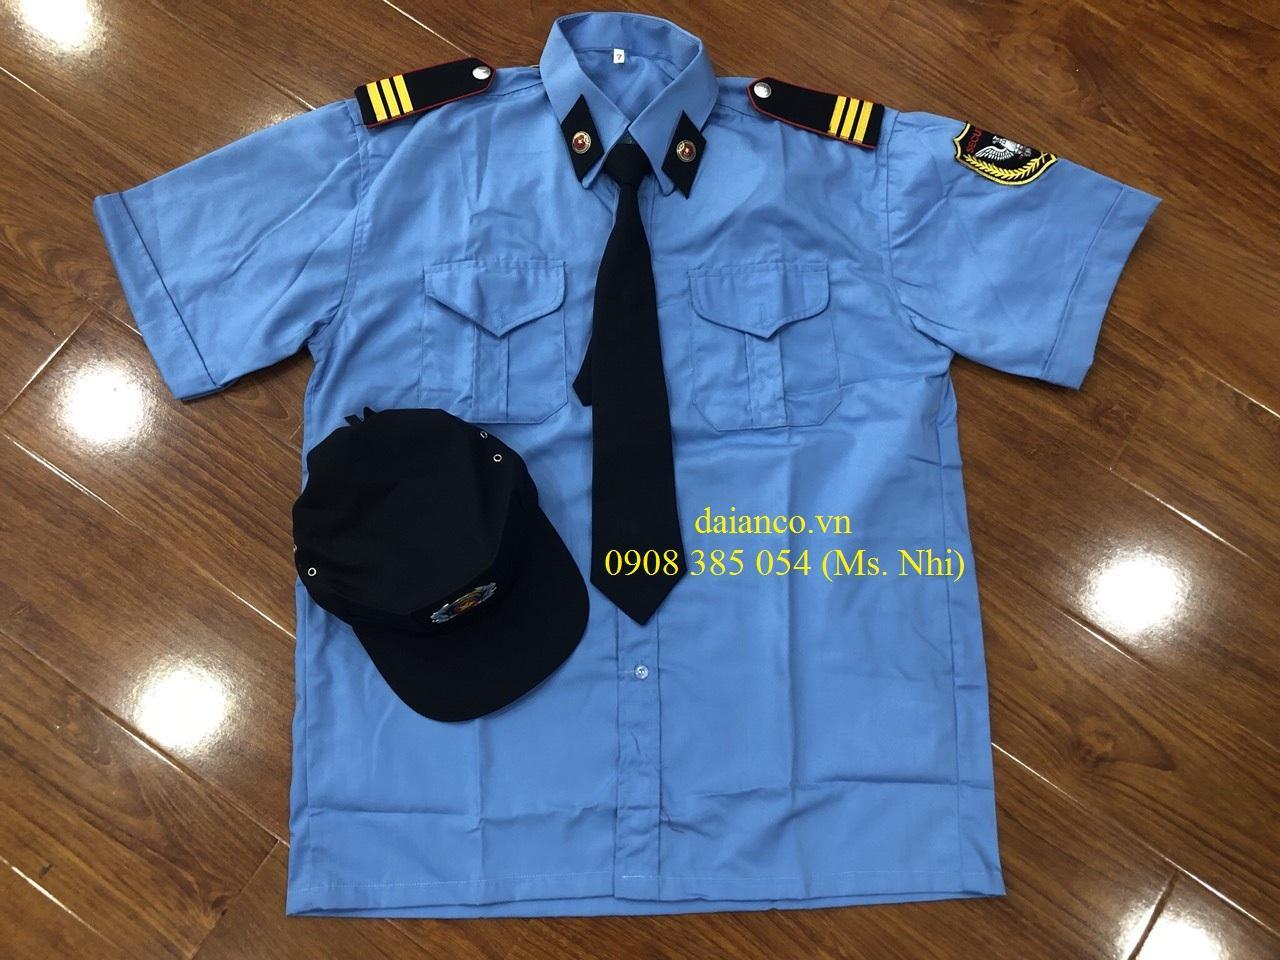 [HCM] Khuyến Mãi Đặc Biệt Đồng Phục Bảo Vệ (Áo+Quân+Nón+Cầu Vai+Cà Vạt+Ve áo) Vải Kate- Hình Thật, hàng sẵn